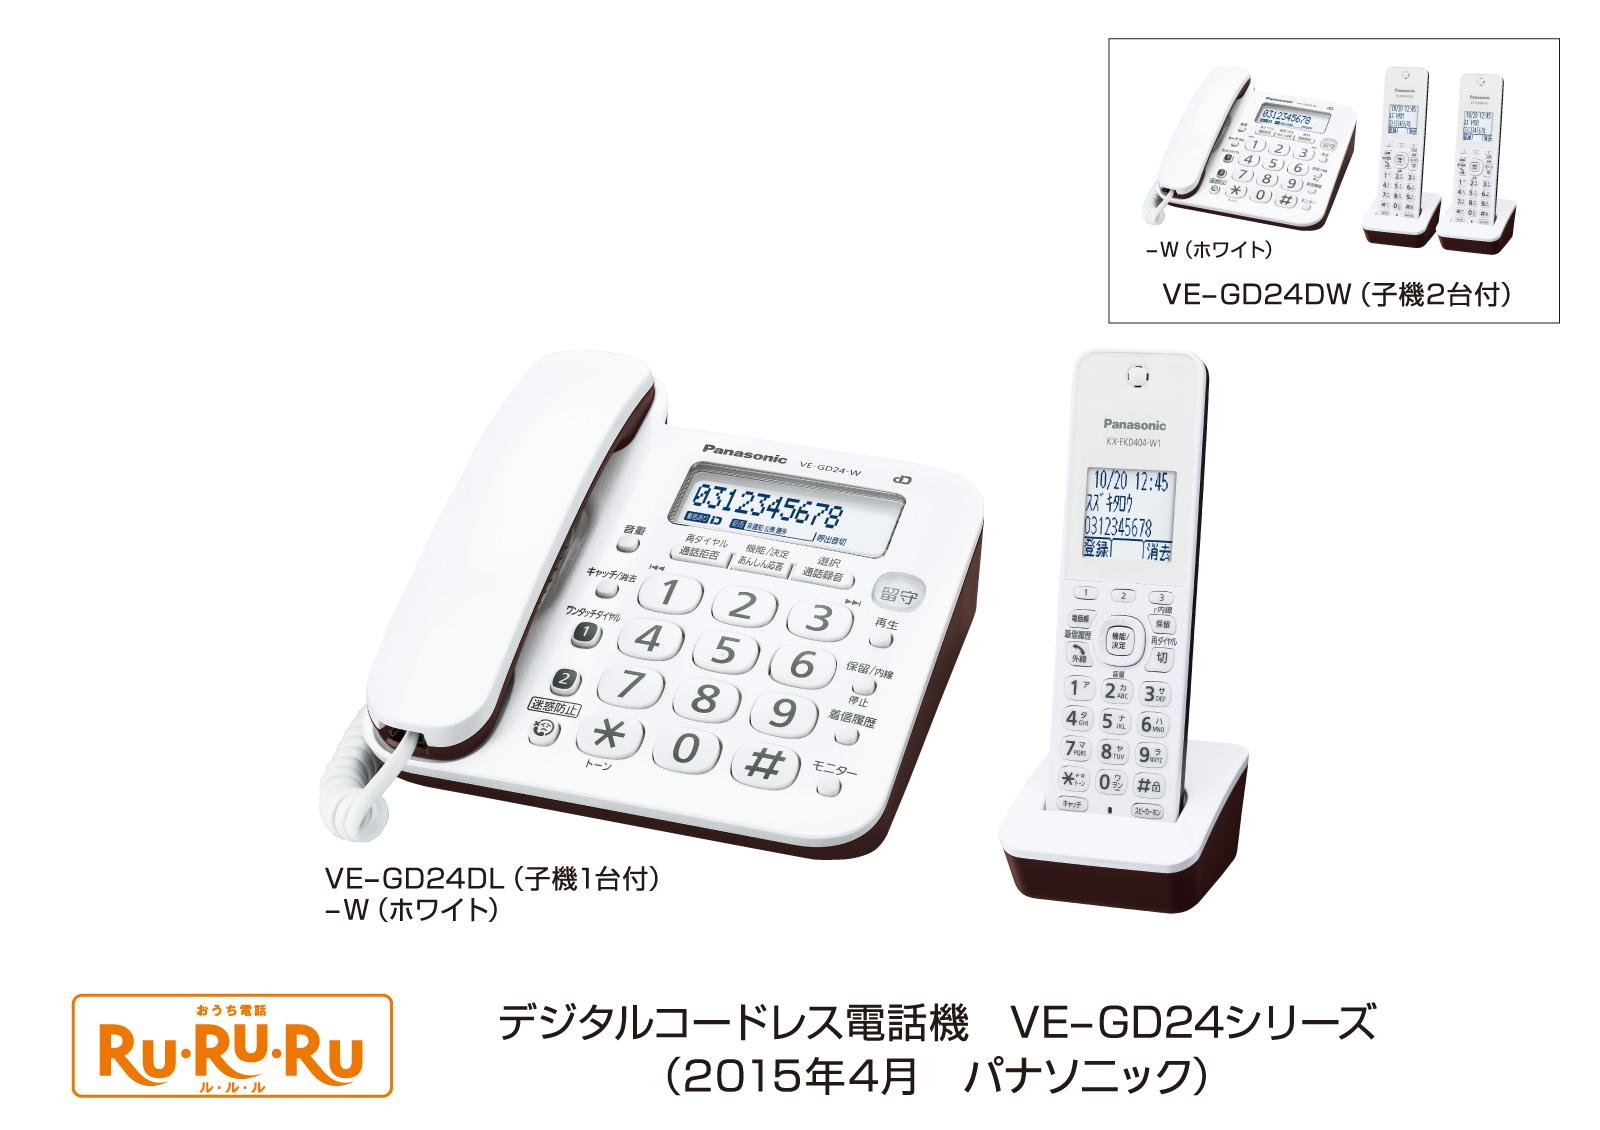 デジタルコードレス電話機 「RU・RU・RU」 VE-GD24シリーズ